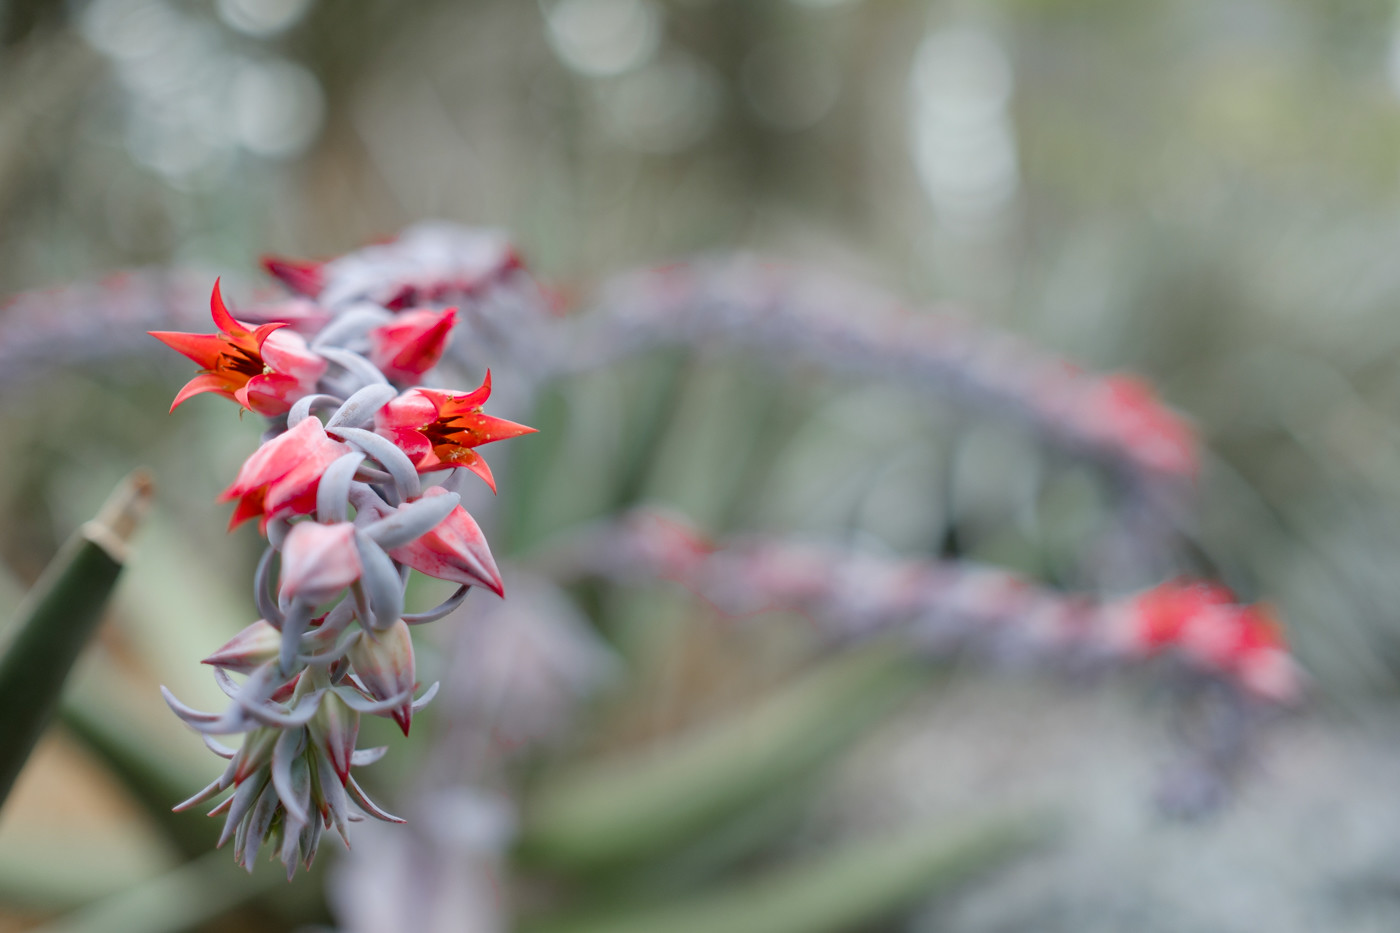 xf23mm f1.4 rの作例 レビュー 寄れる シンガポール 植物